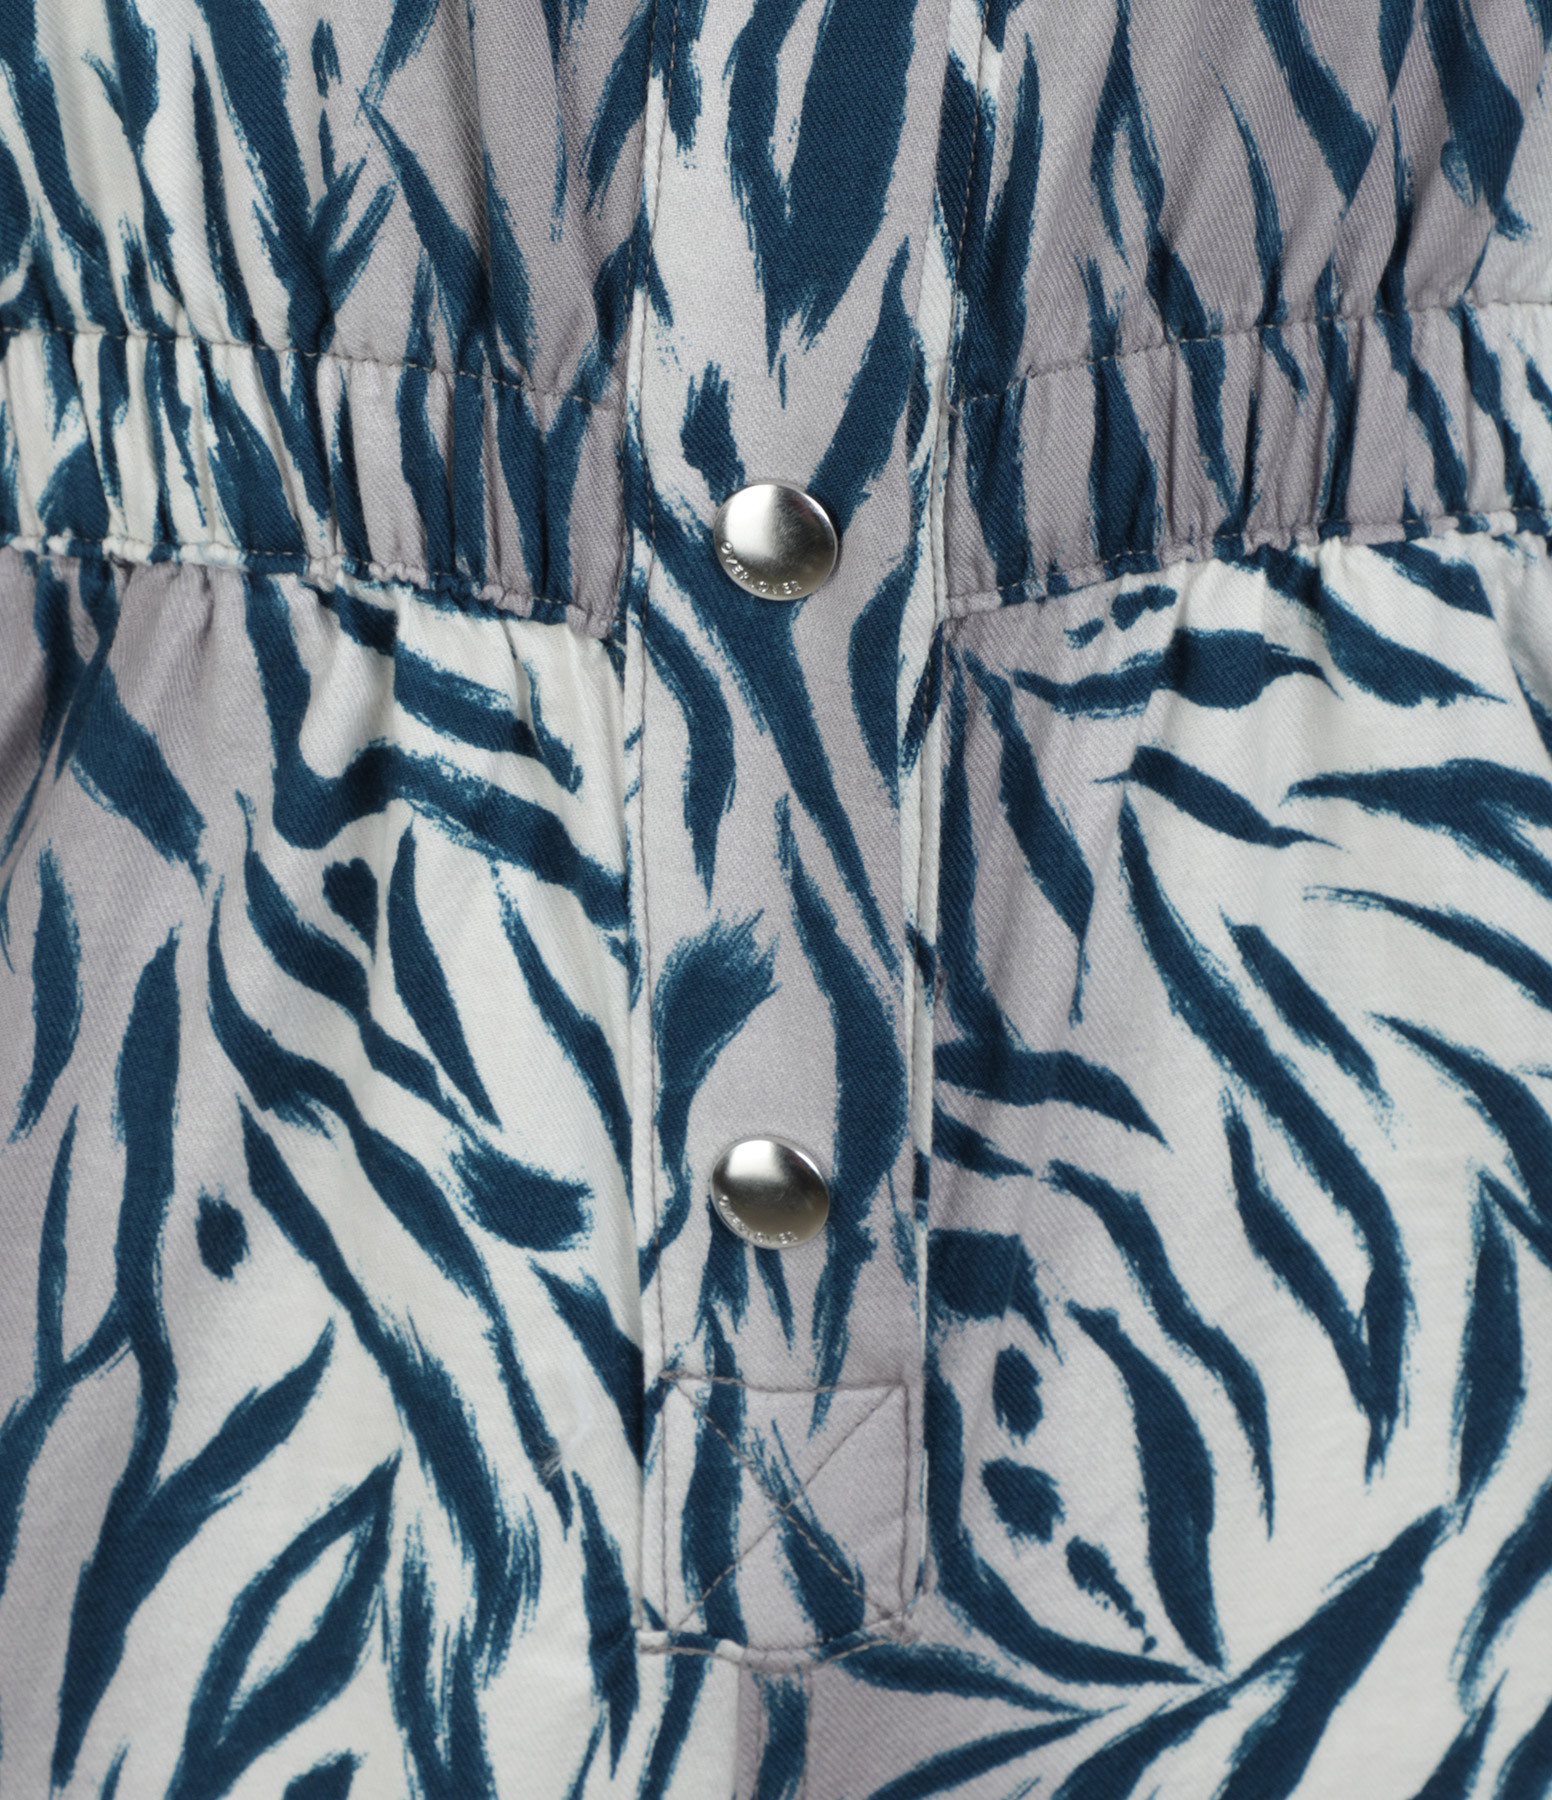 OVERLOVER - Combinaison Hope Coton Zebra Blue Imprimé